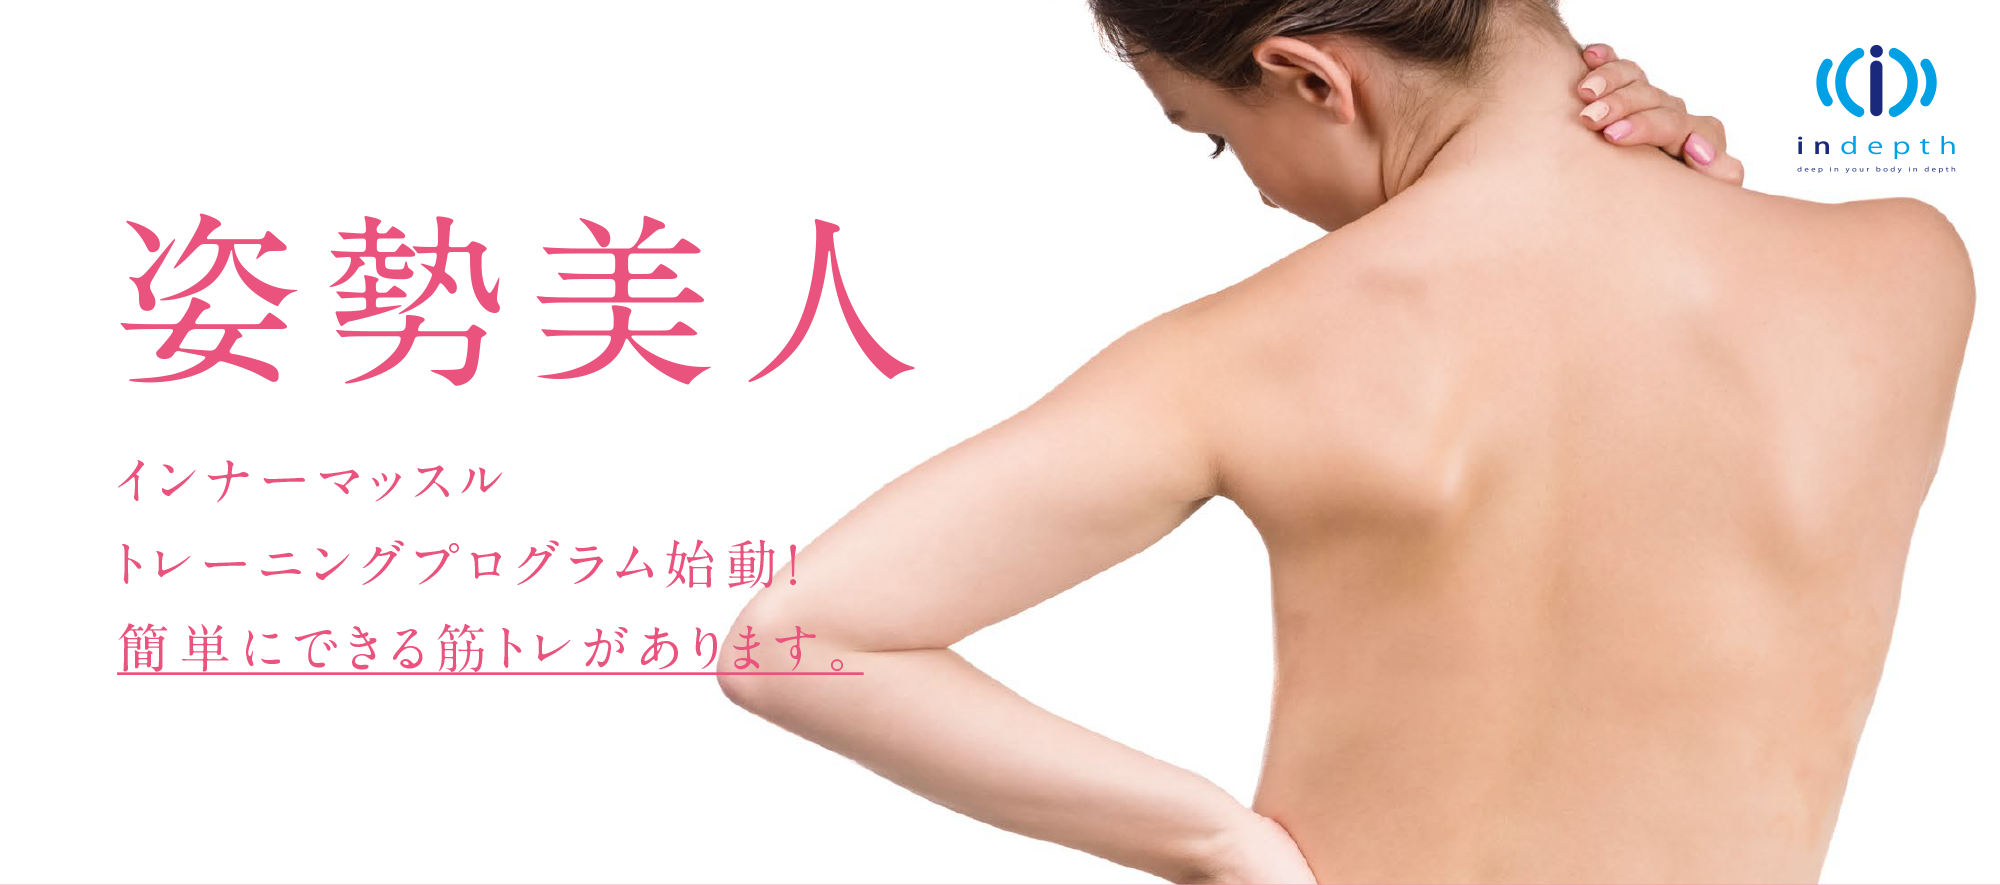 姿勢美人〜インナーマッスルトレーニングプログラム始動!簡単にできる筋トレがあります。